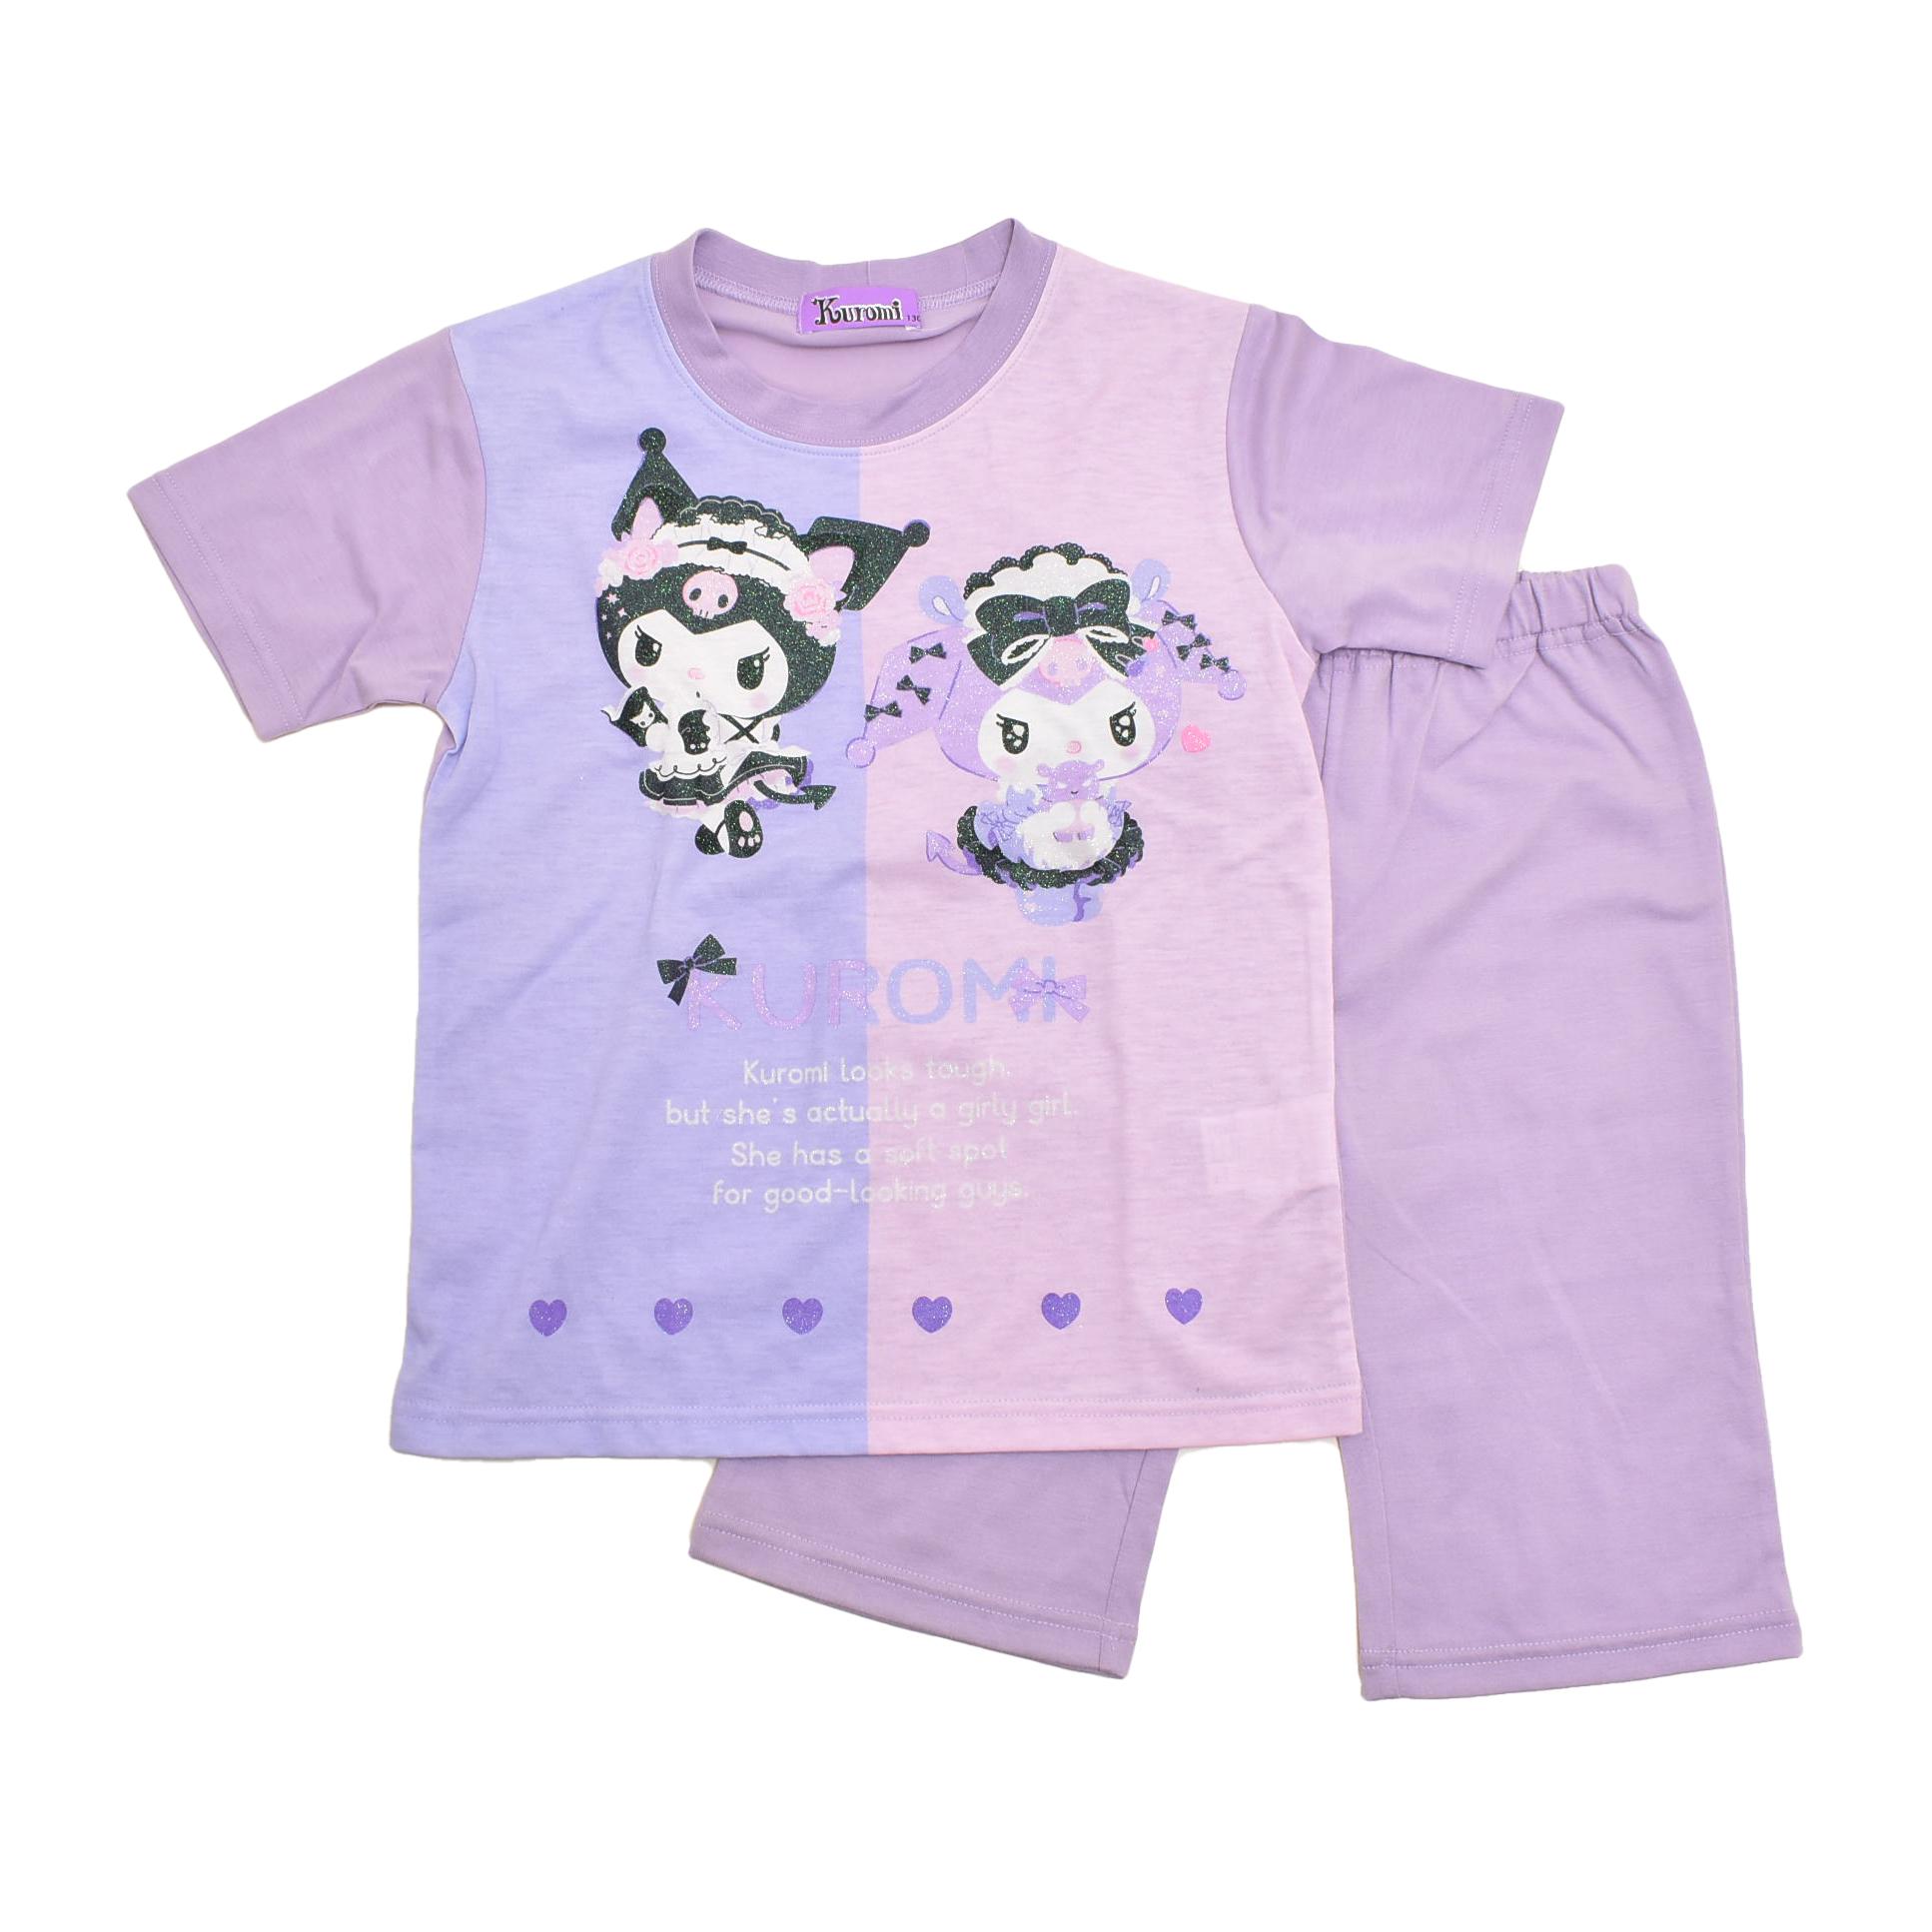 サンリオ クロミちゃん kuromi  半袖Tシャツ生地のパジャマ ジュニア 130cm-150cm  (132KU0072)